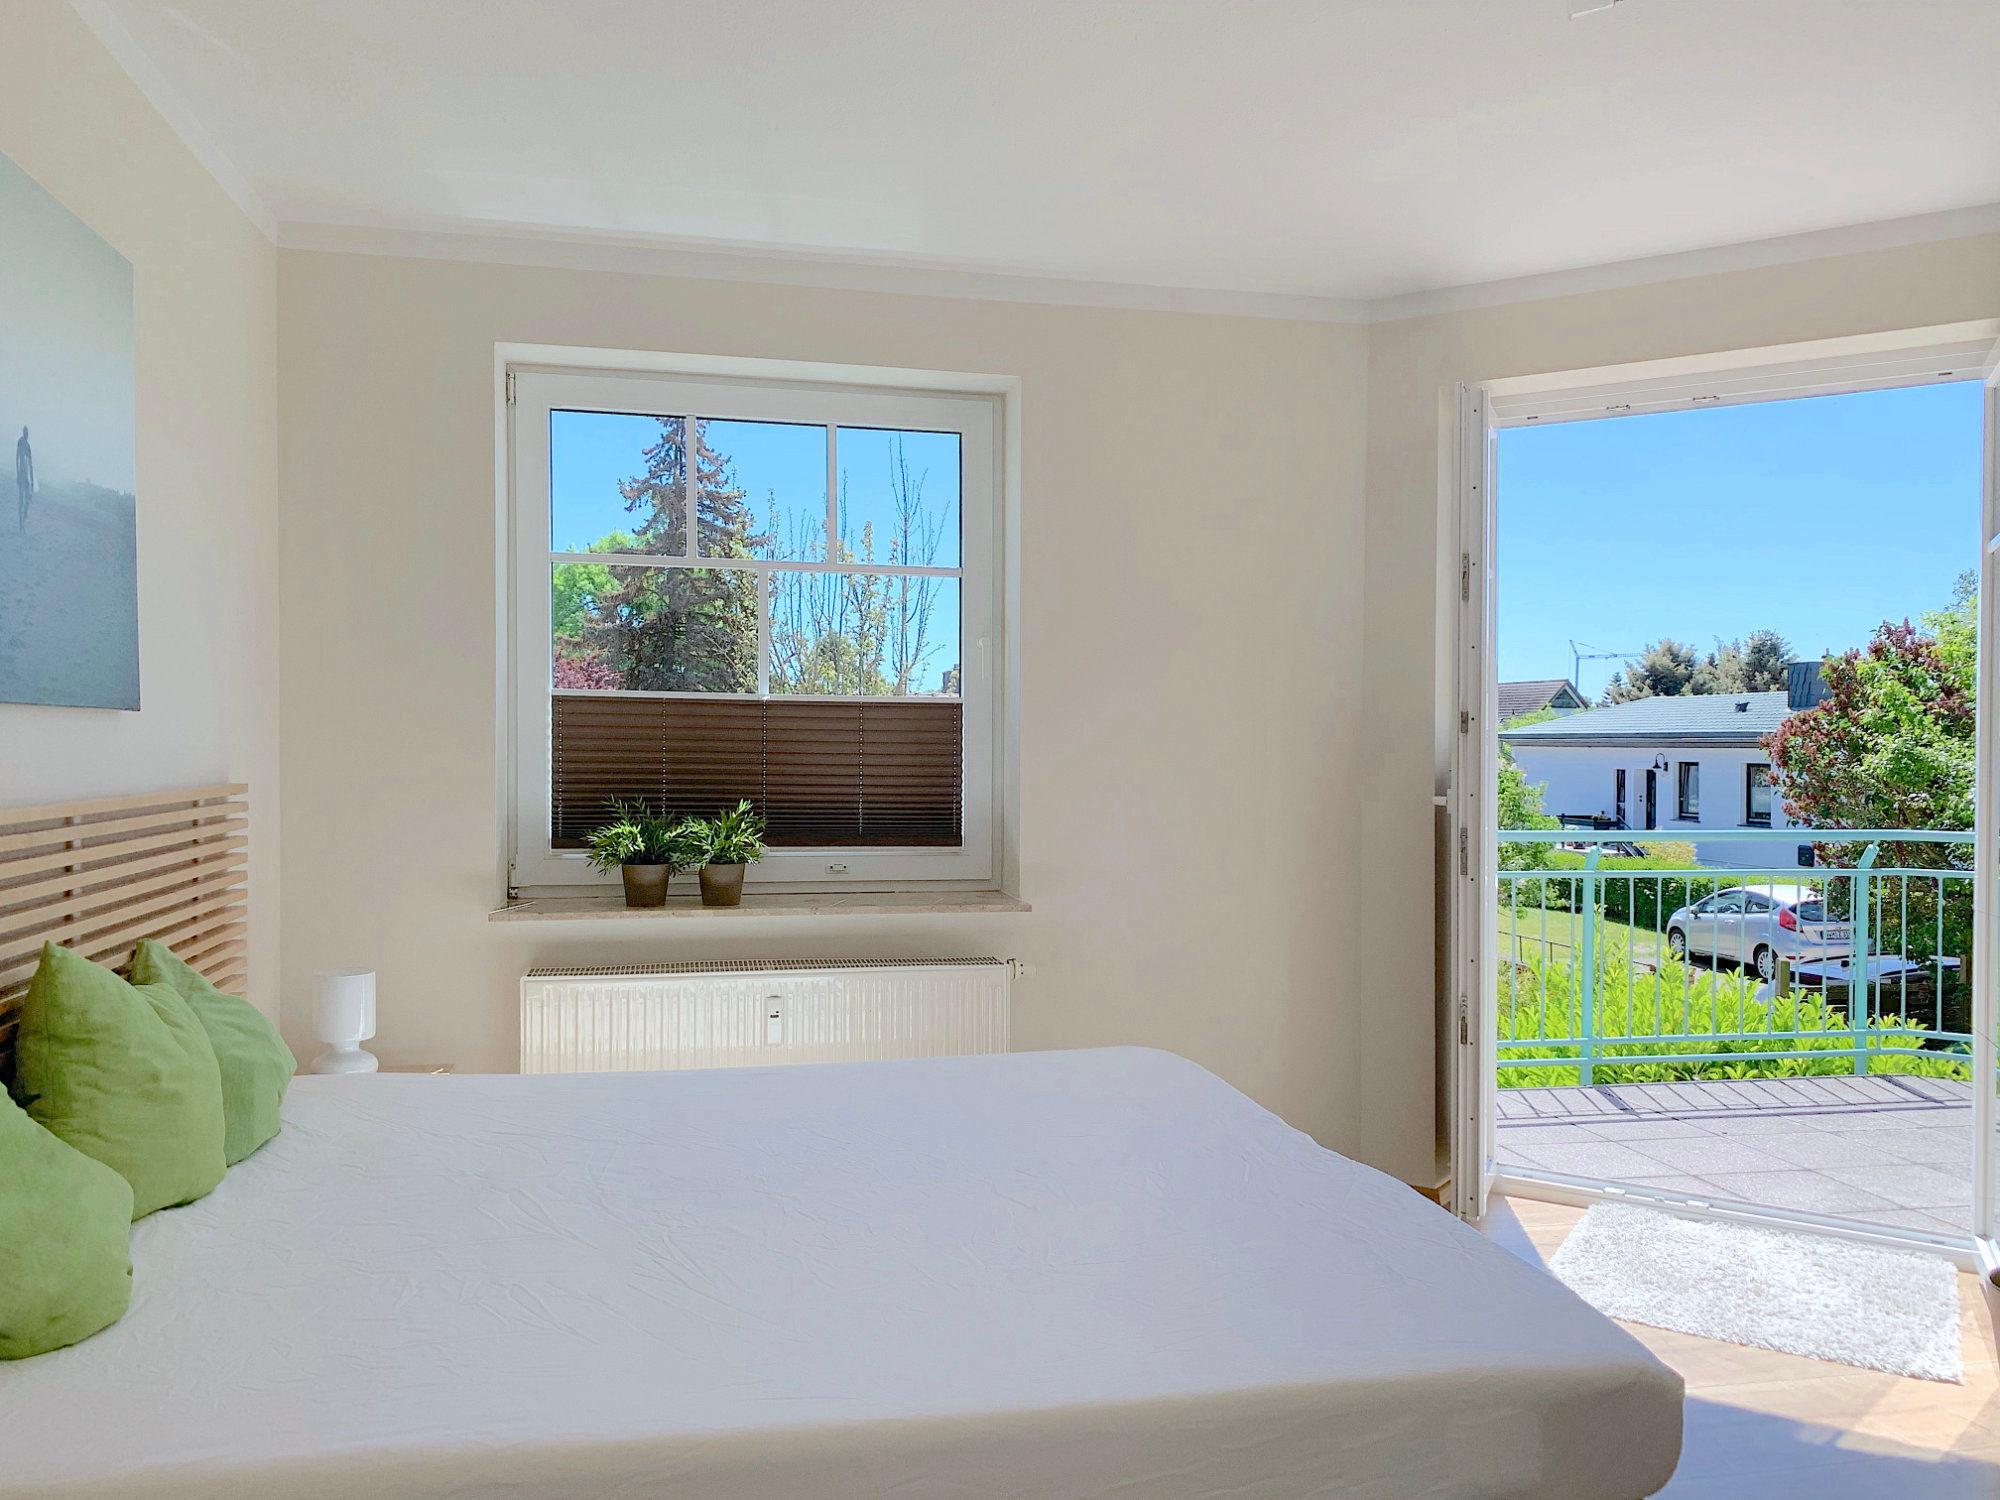 Schlafzimmer mit Doppelbett, große Fenster